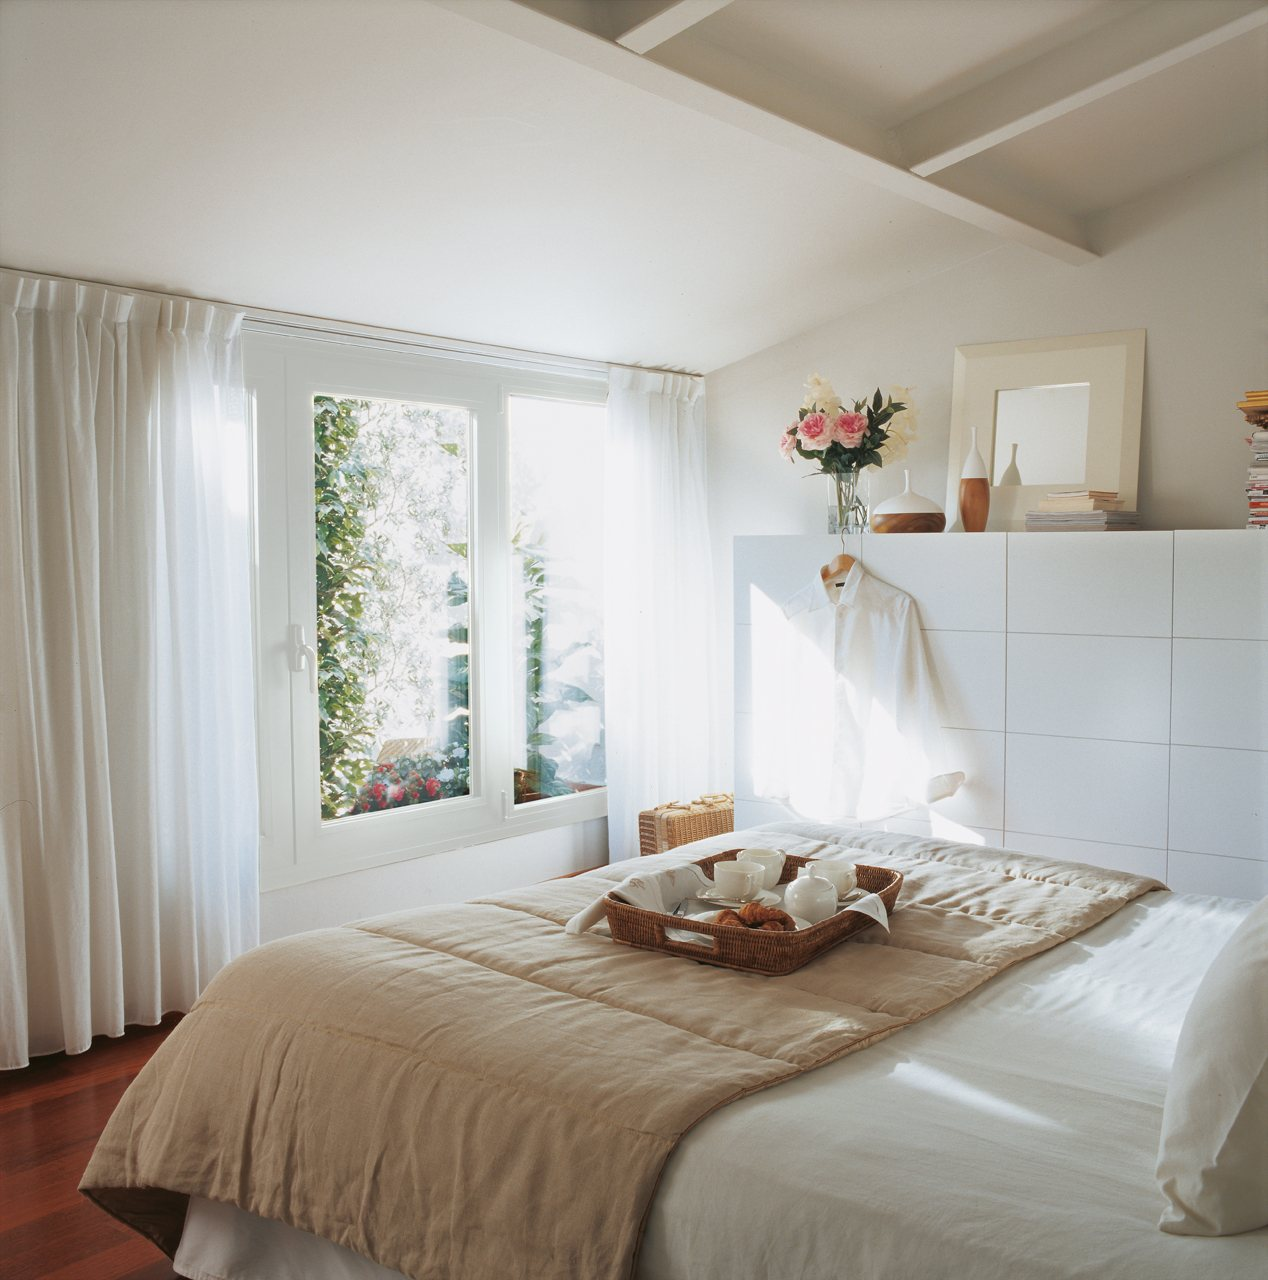 M s espacio para guardar en el dormitorio - Dormitorios con armario ...